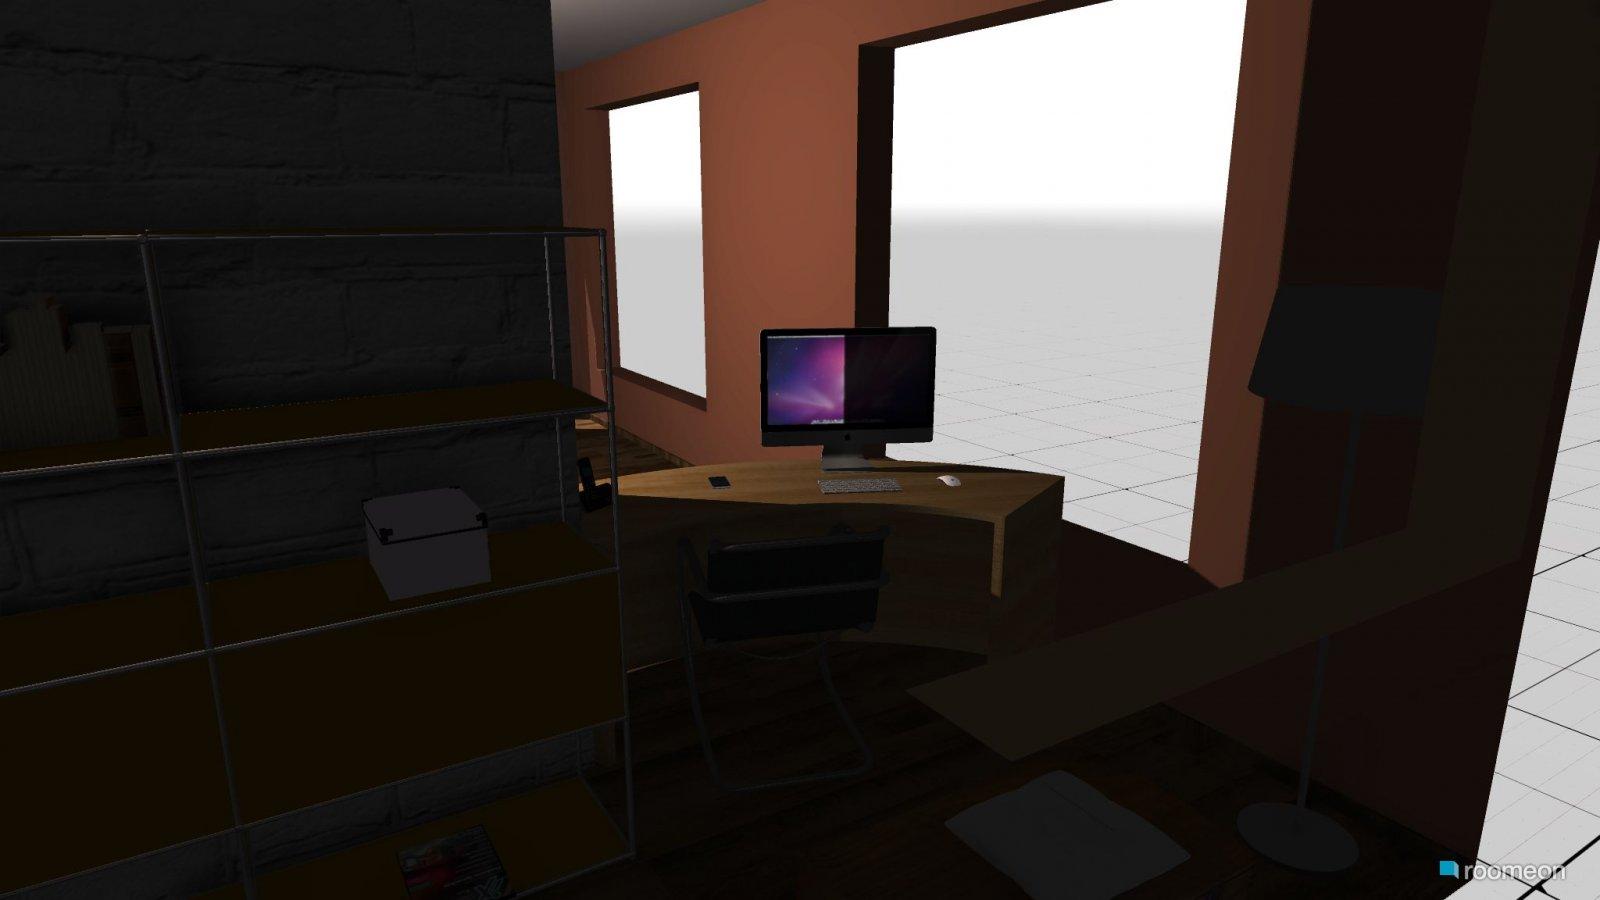 Raumplanung Progetto 3, camera da letto + cabina armadio - roomeon ...